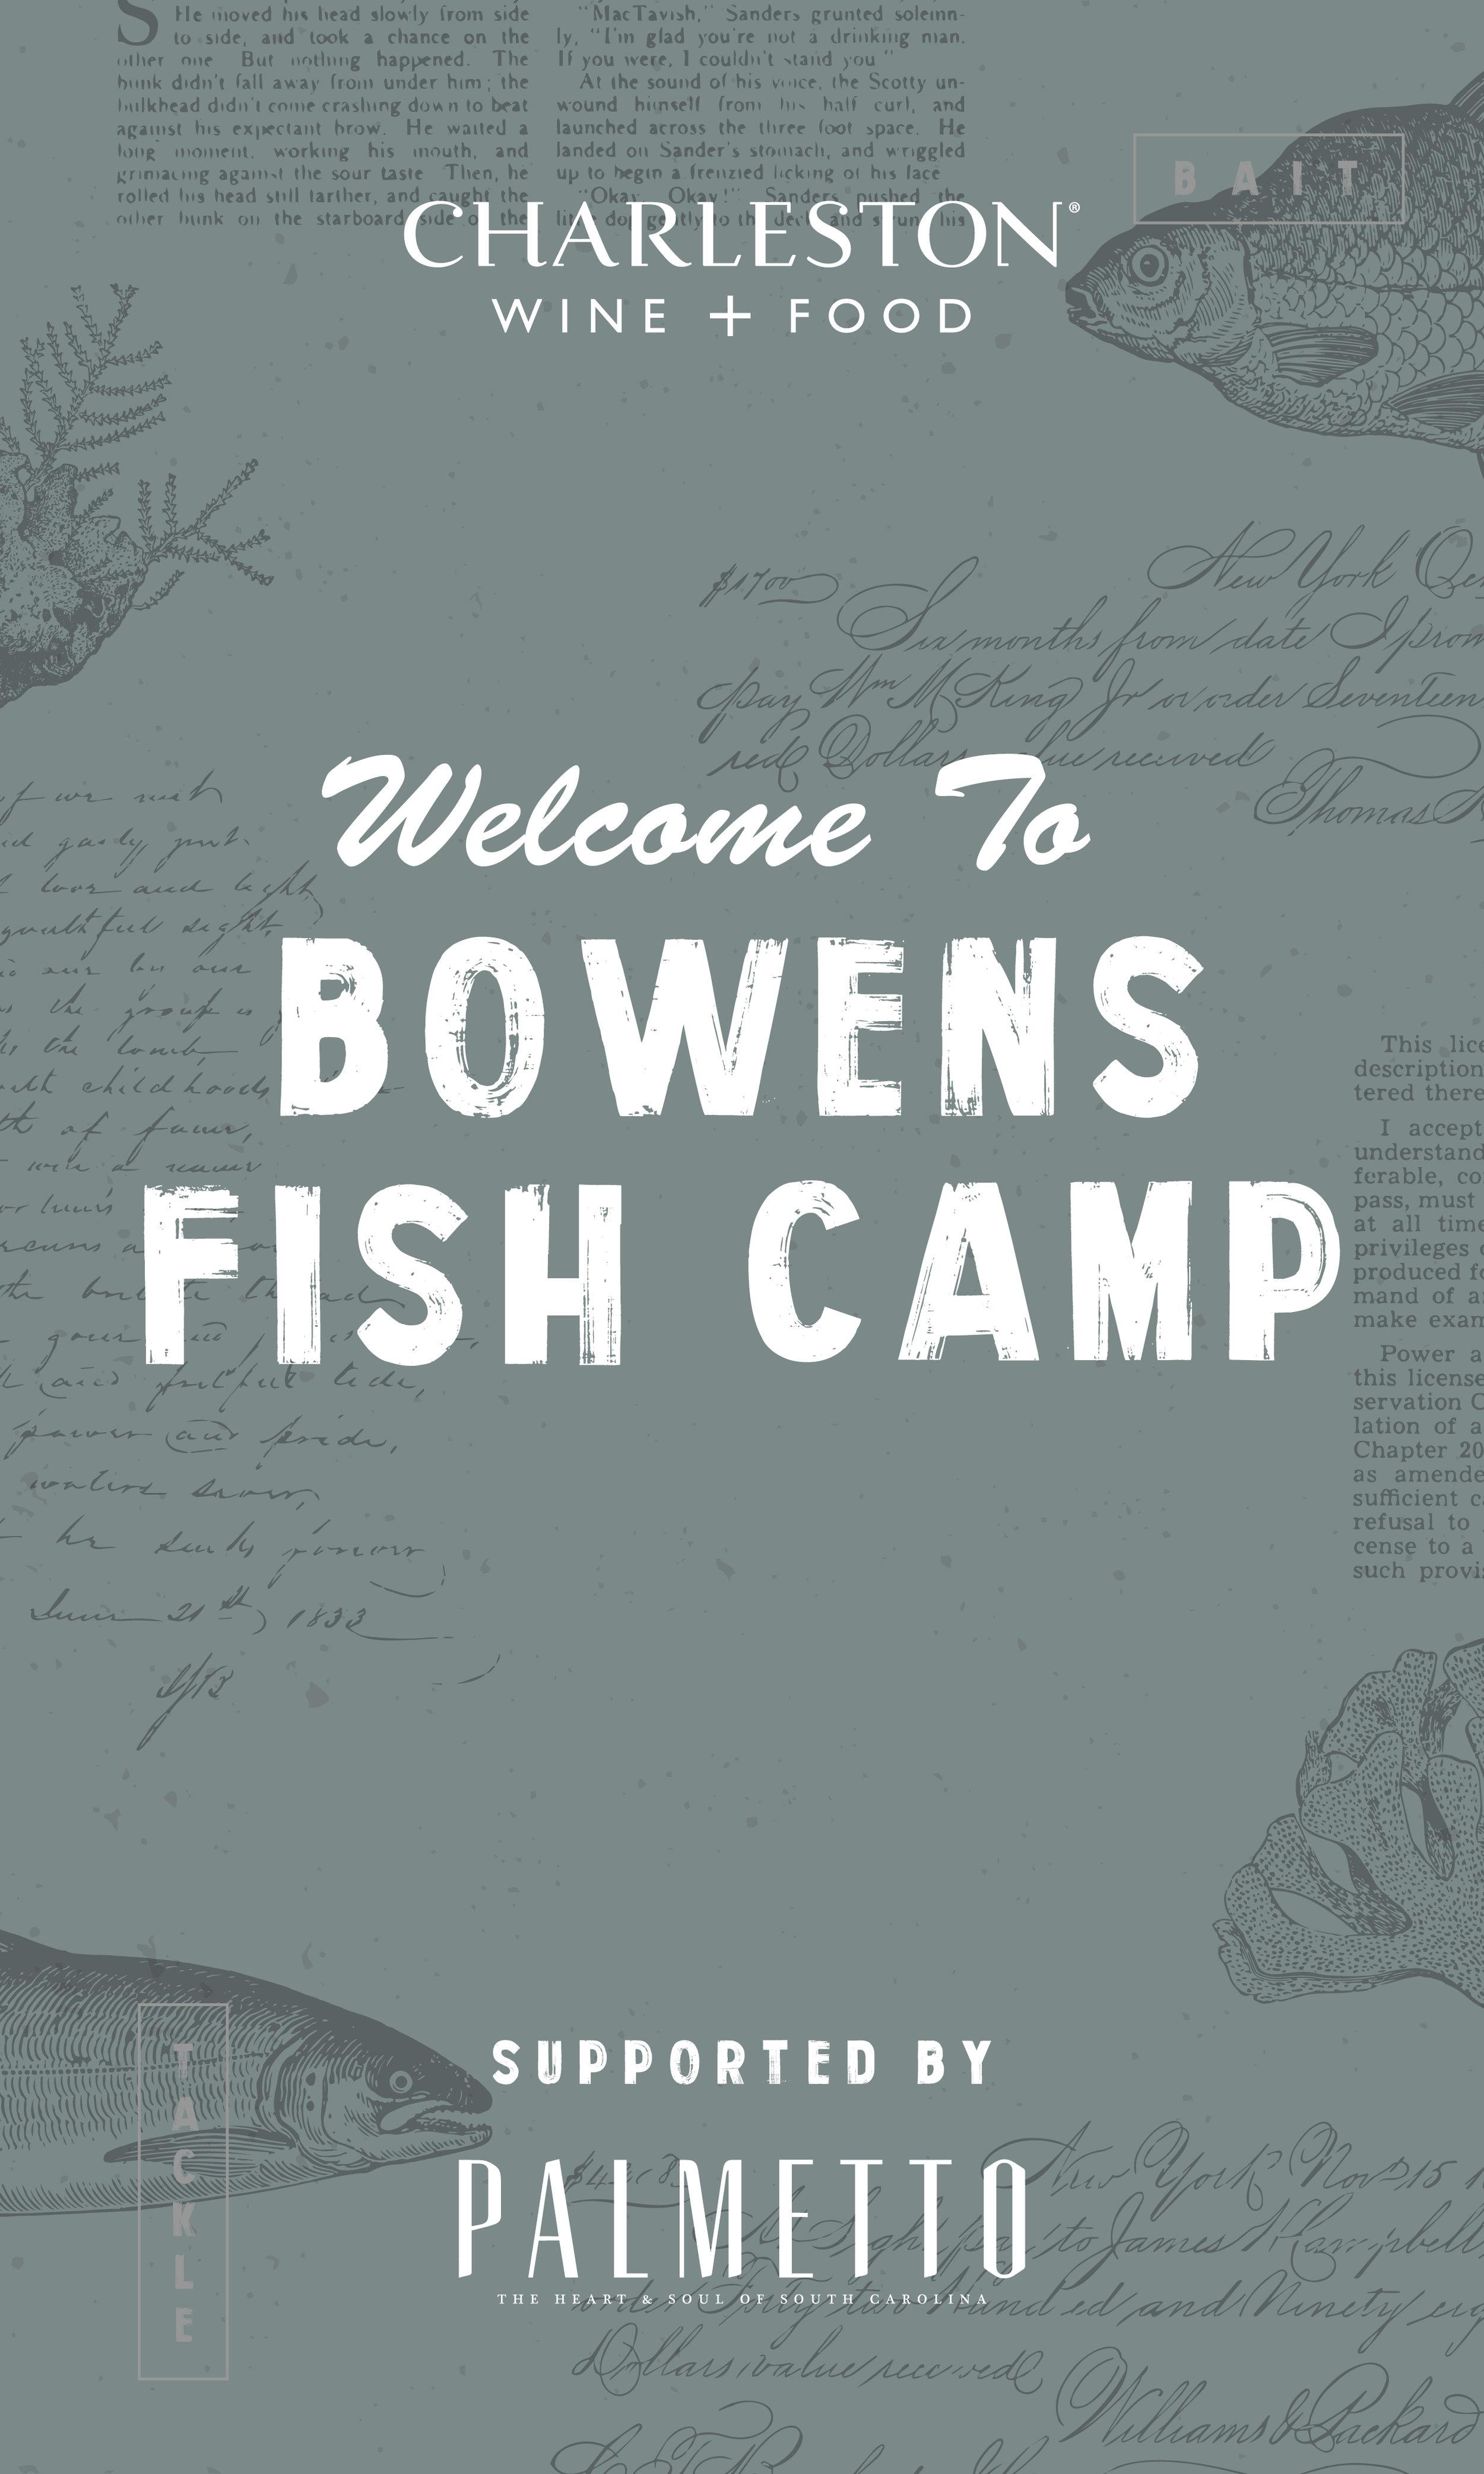 Bowens-Fish-Camp.jpg